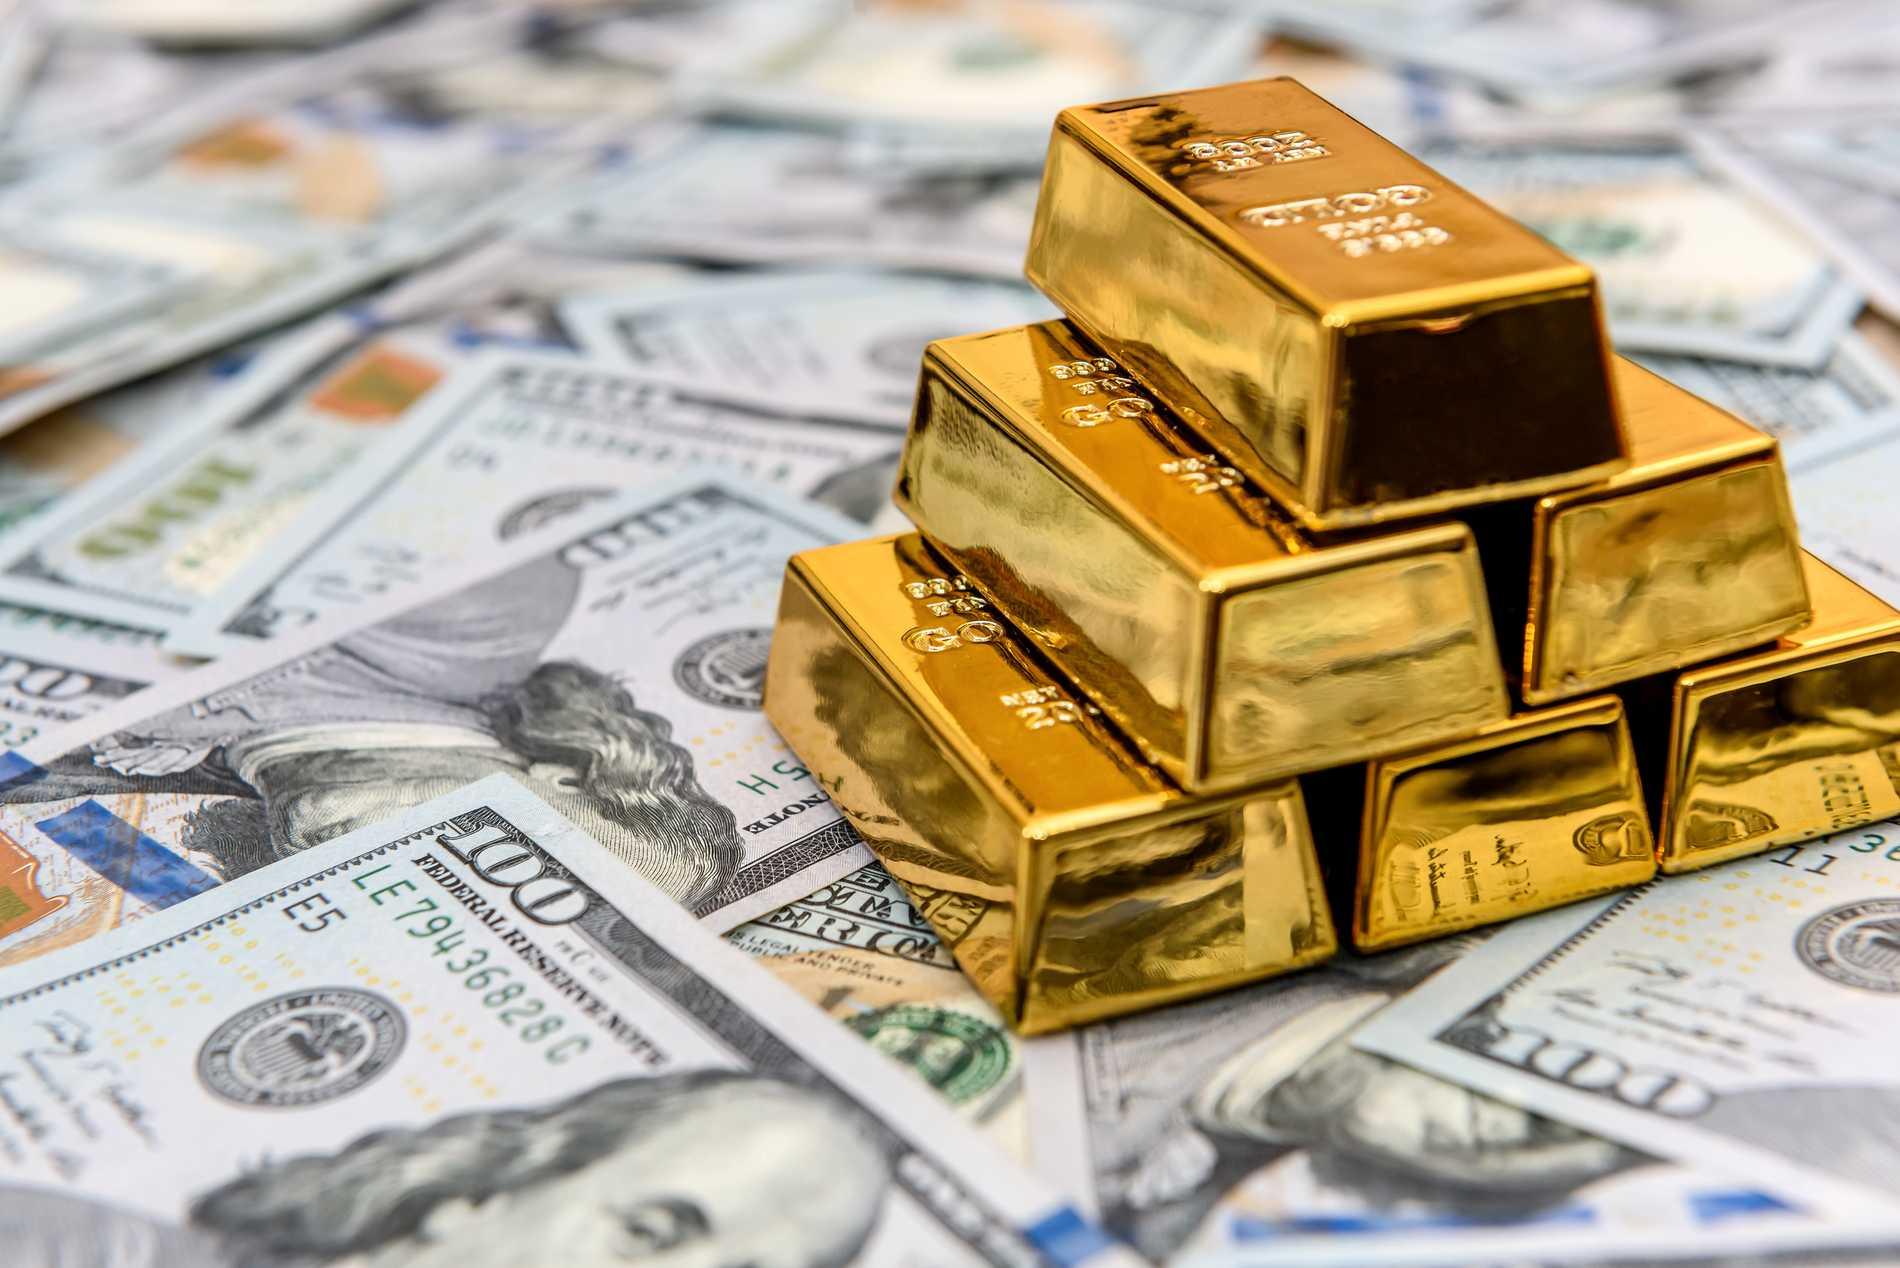 Fysiskt guld, guldfonder, börshandlade fonder eller guldbolag i börsen – vad passar dig bäst?